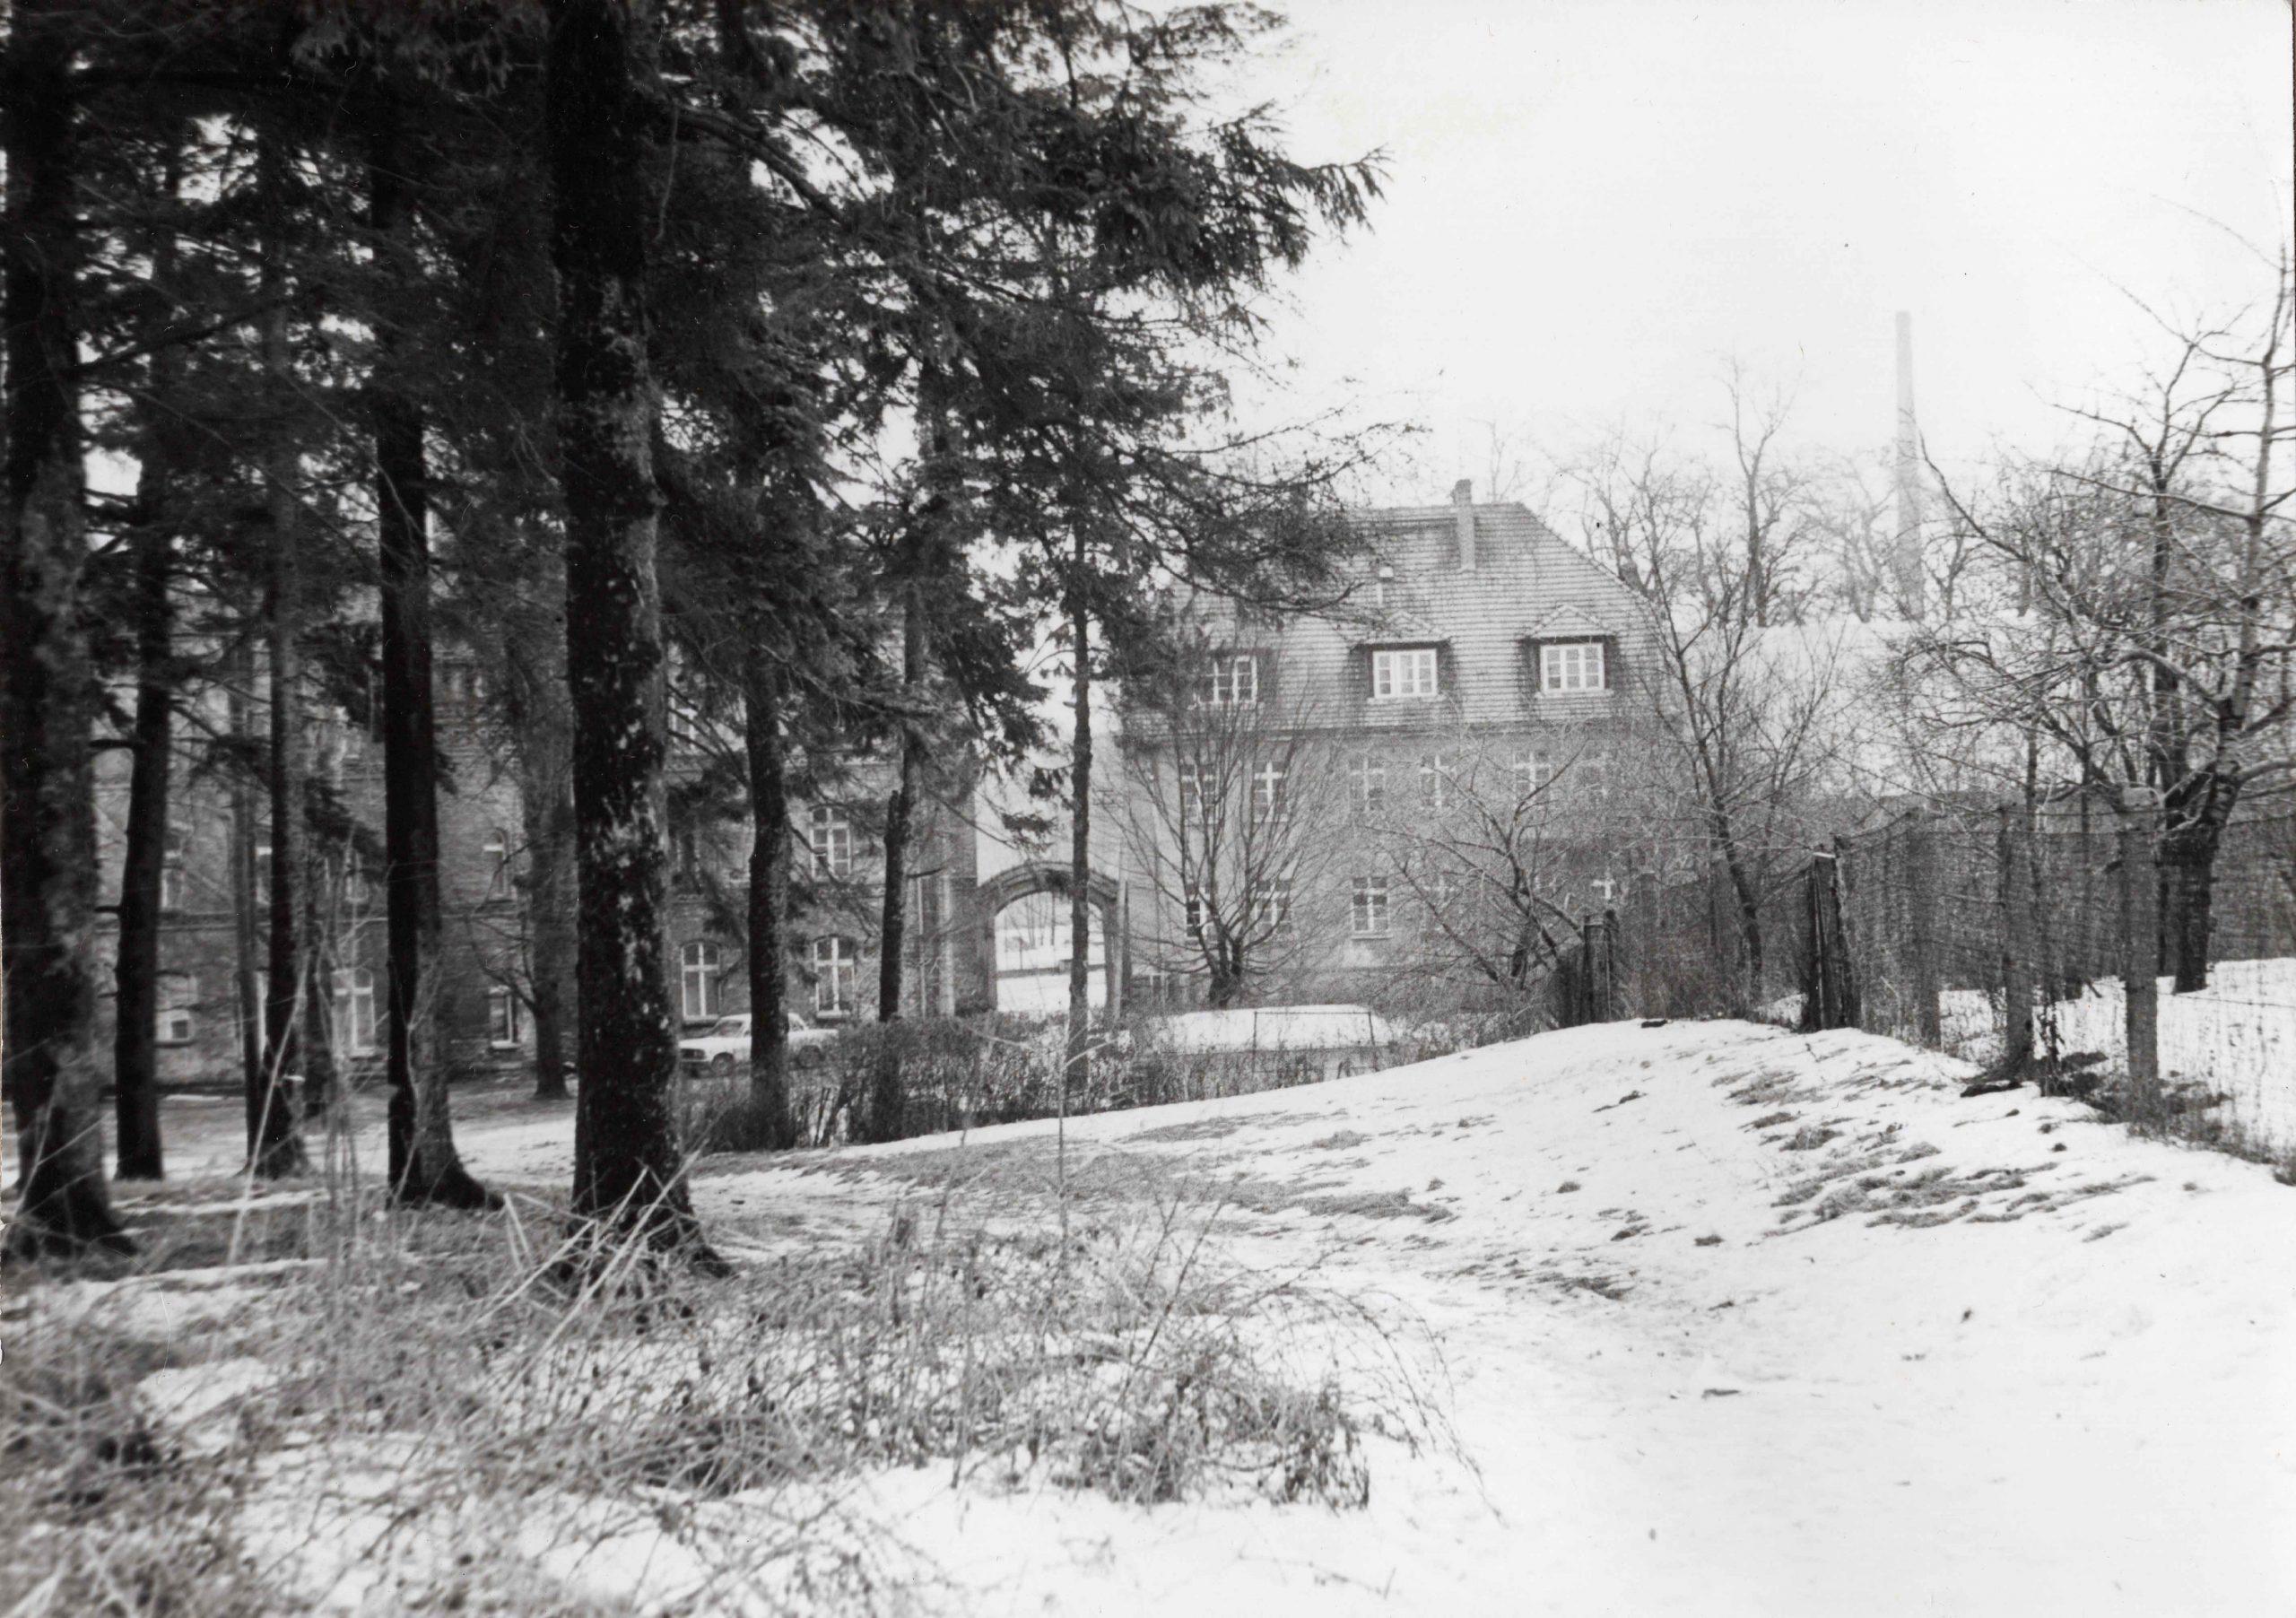 Ewidencja żarowskiego założenia ogrodowo-parkowego 1987 (1)